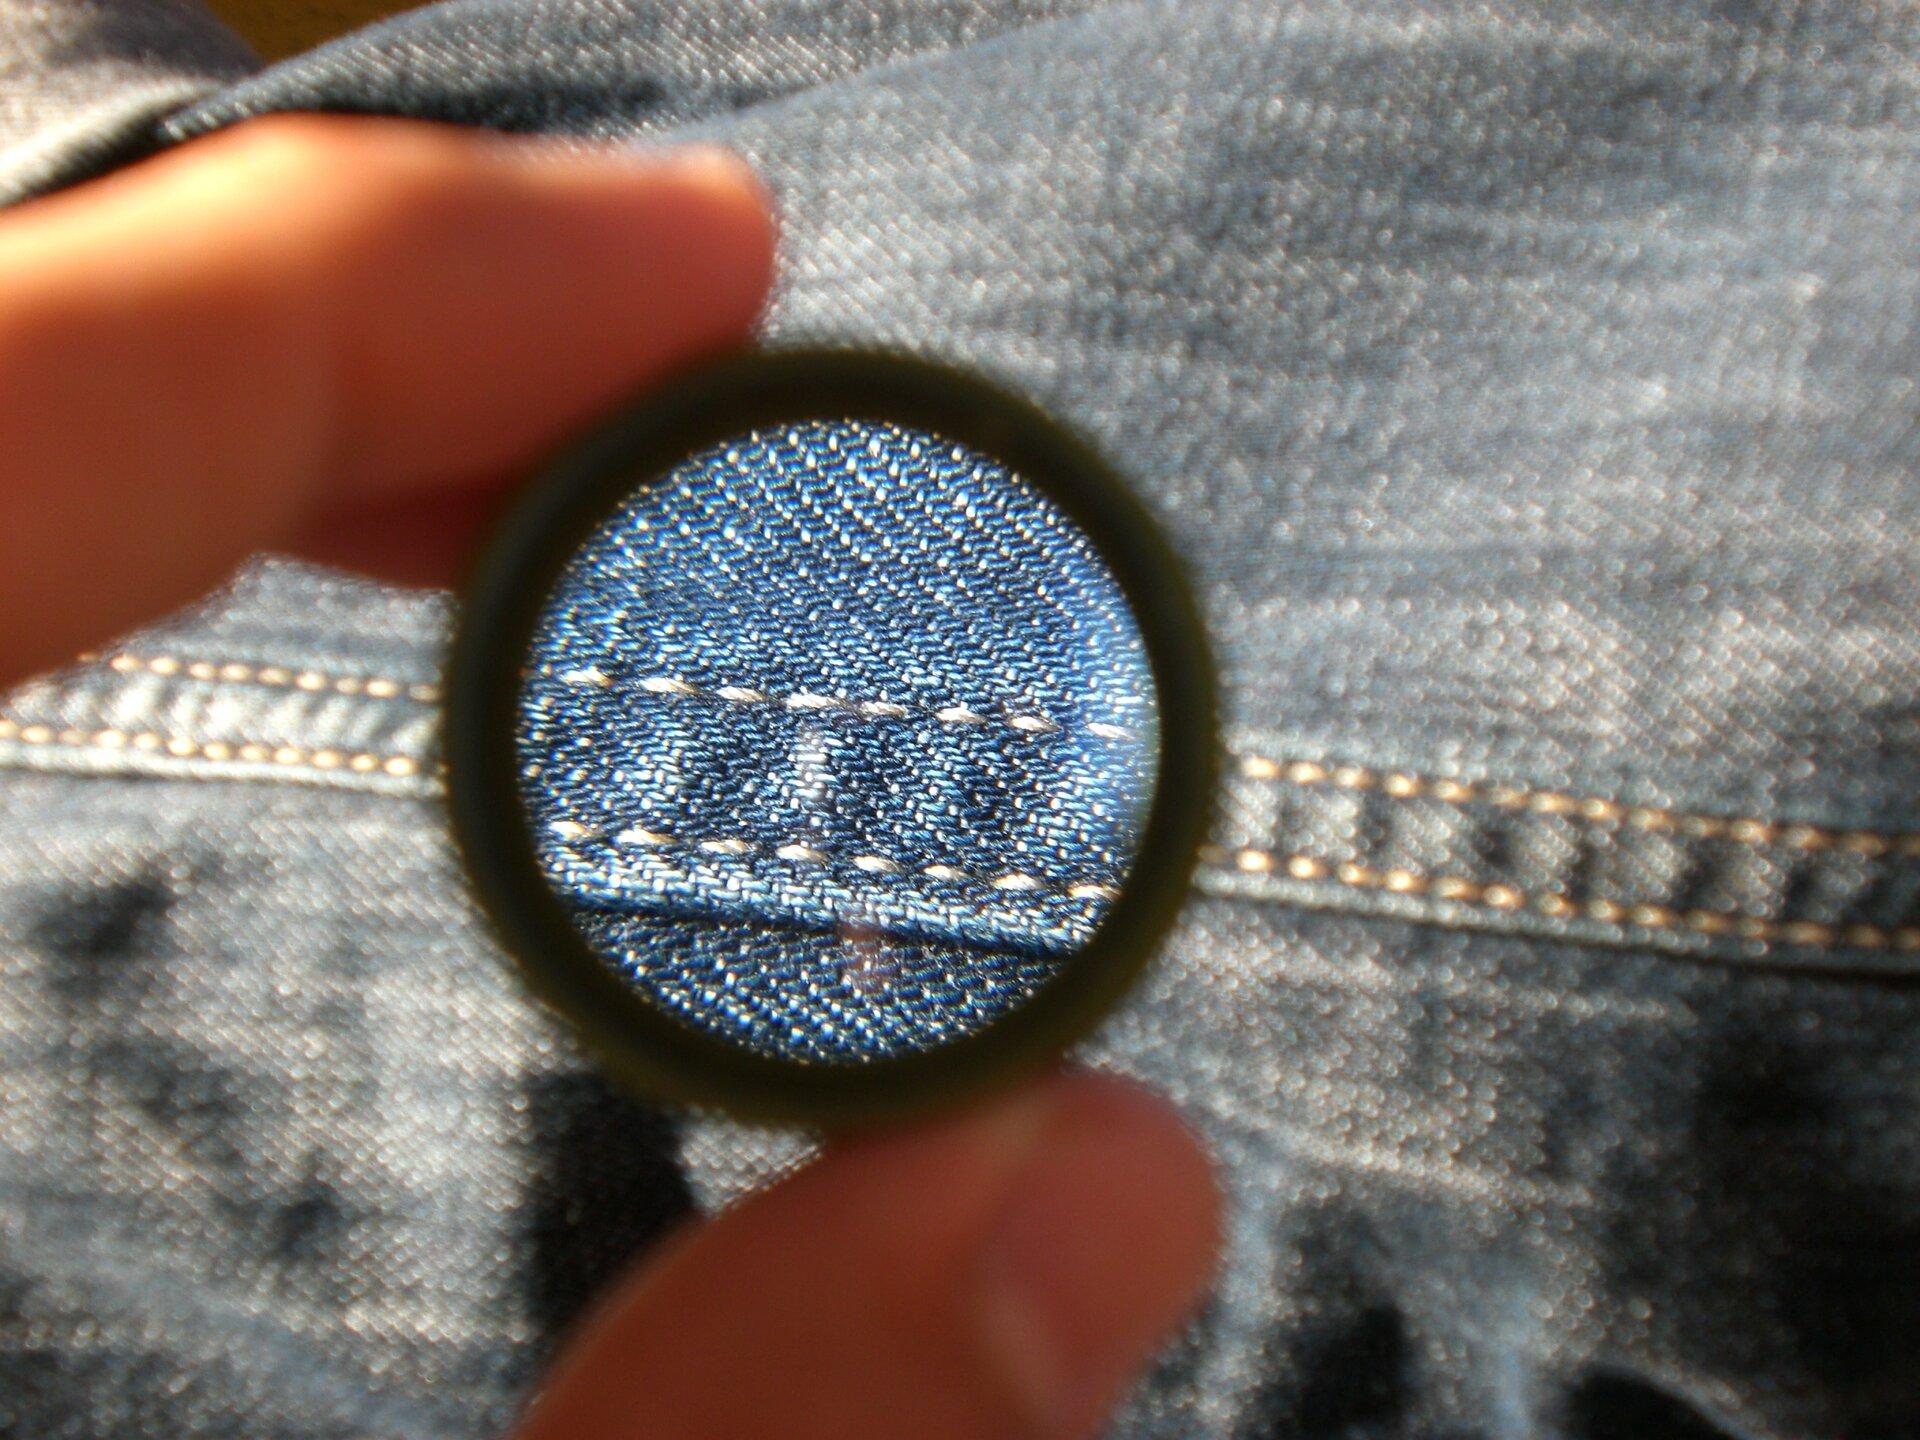 Zdjęcie obrazu przedmiotu wsoczewce